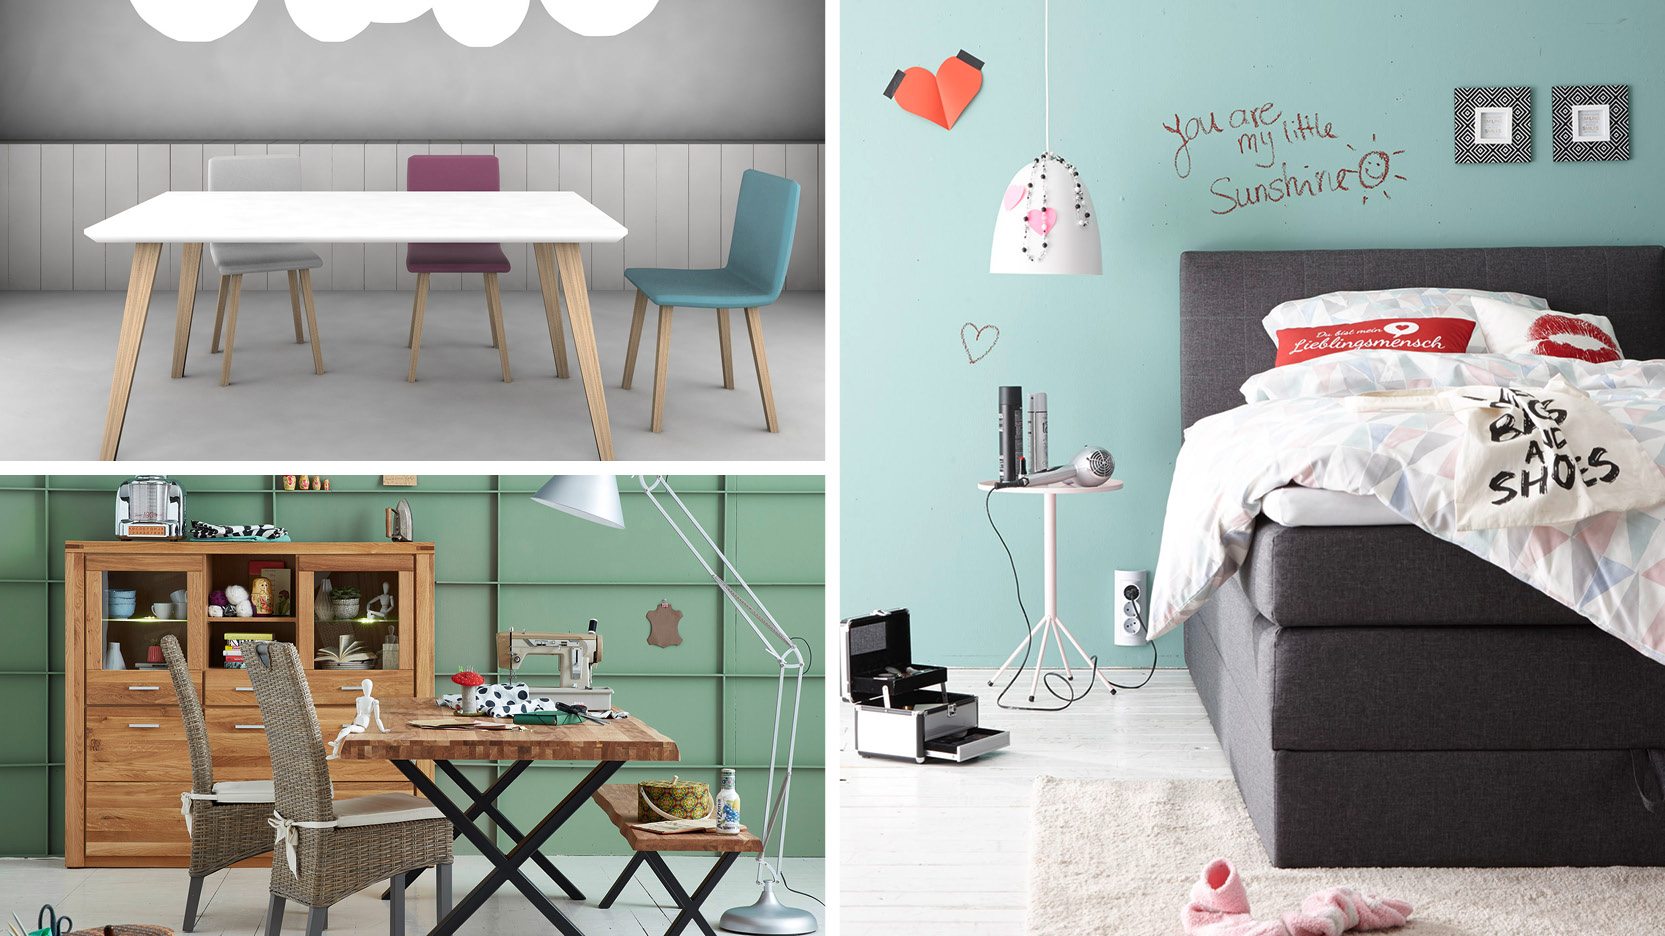 Unsere Deko-Tipps für richtig schönes Wohnen! - Möbel- und ...